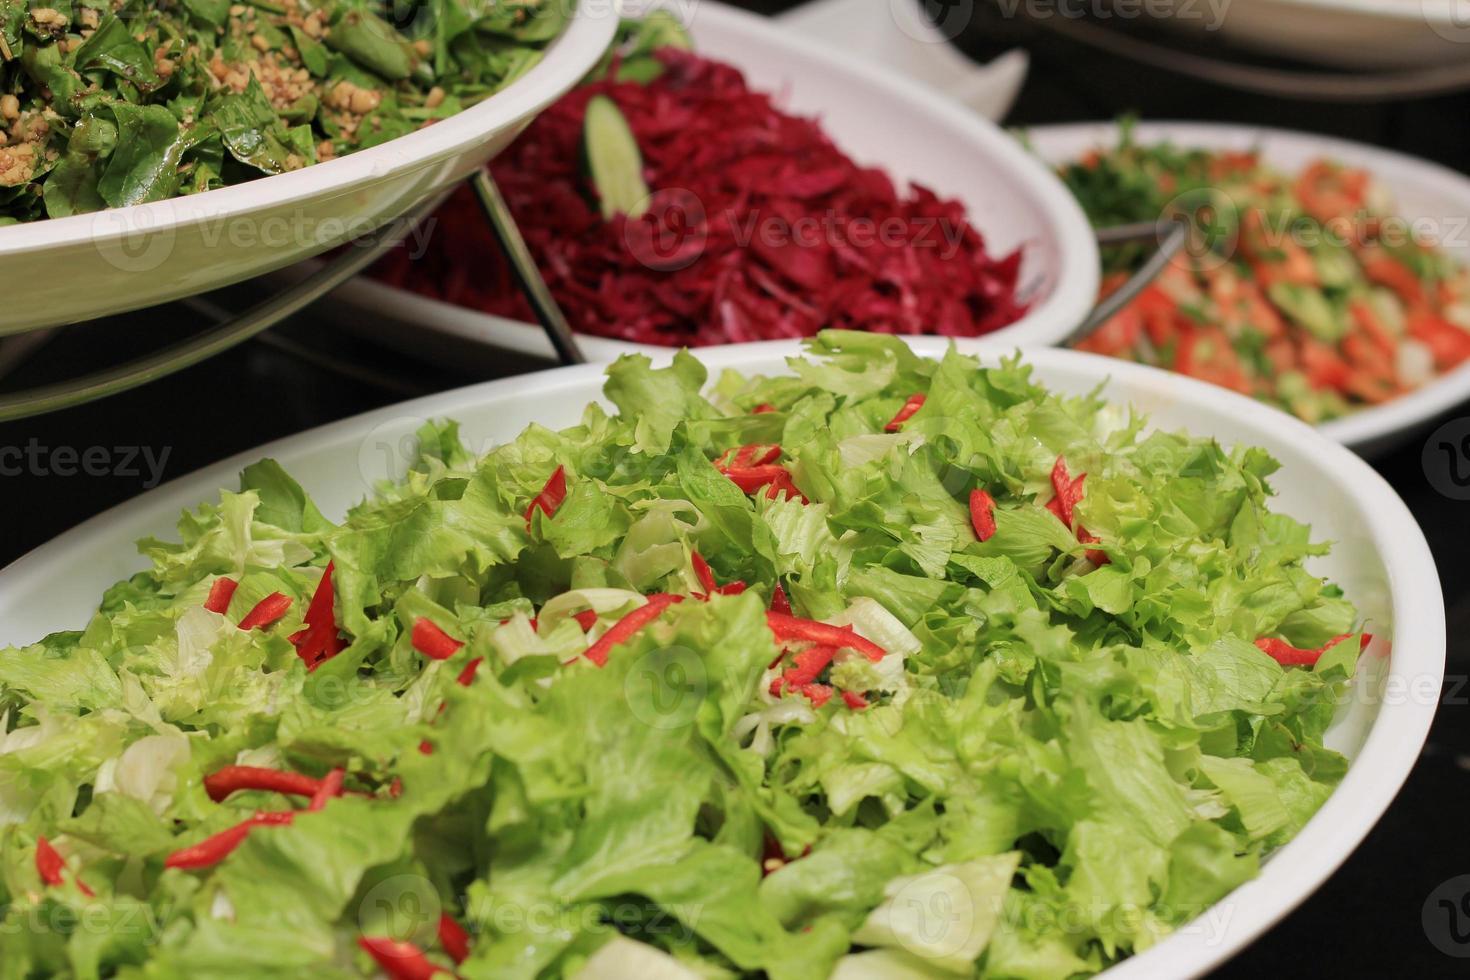 Salade de laitue photo